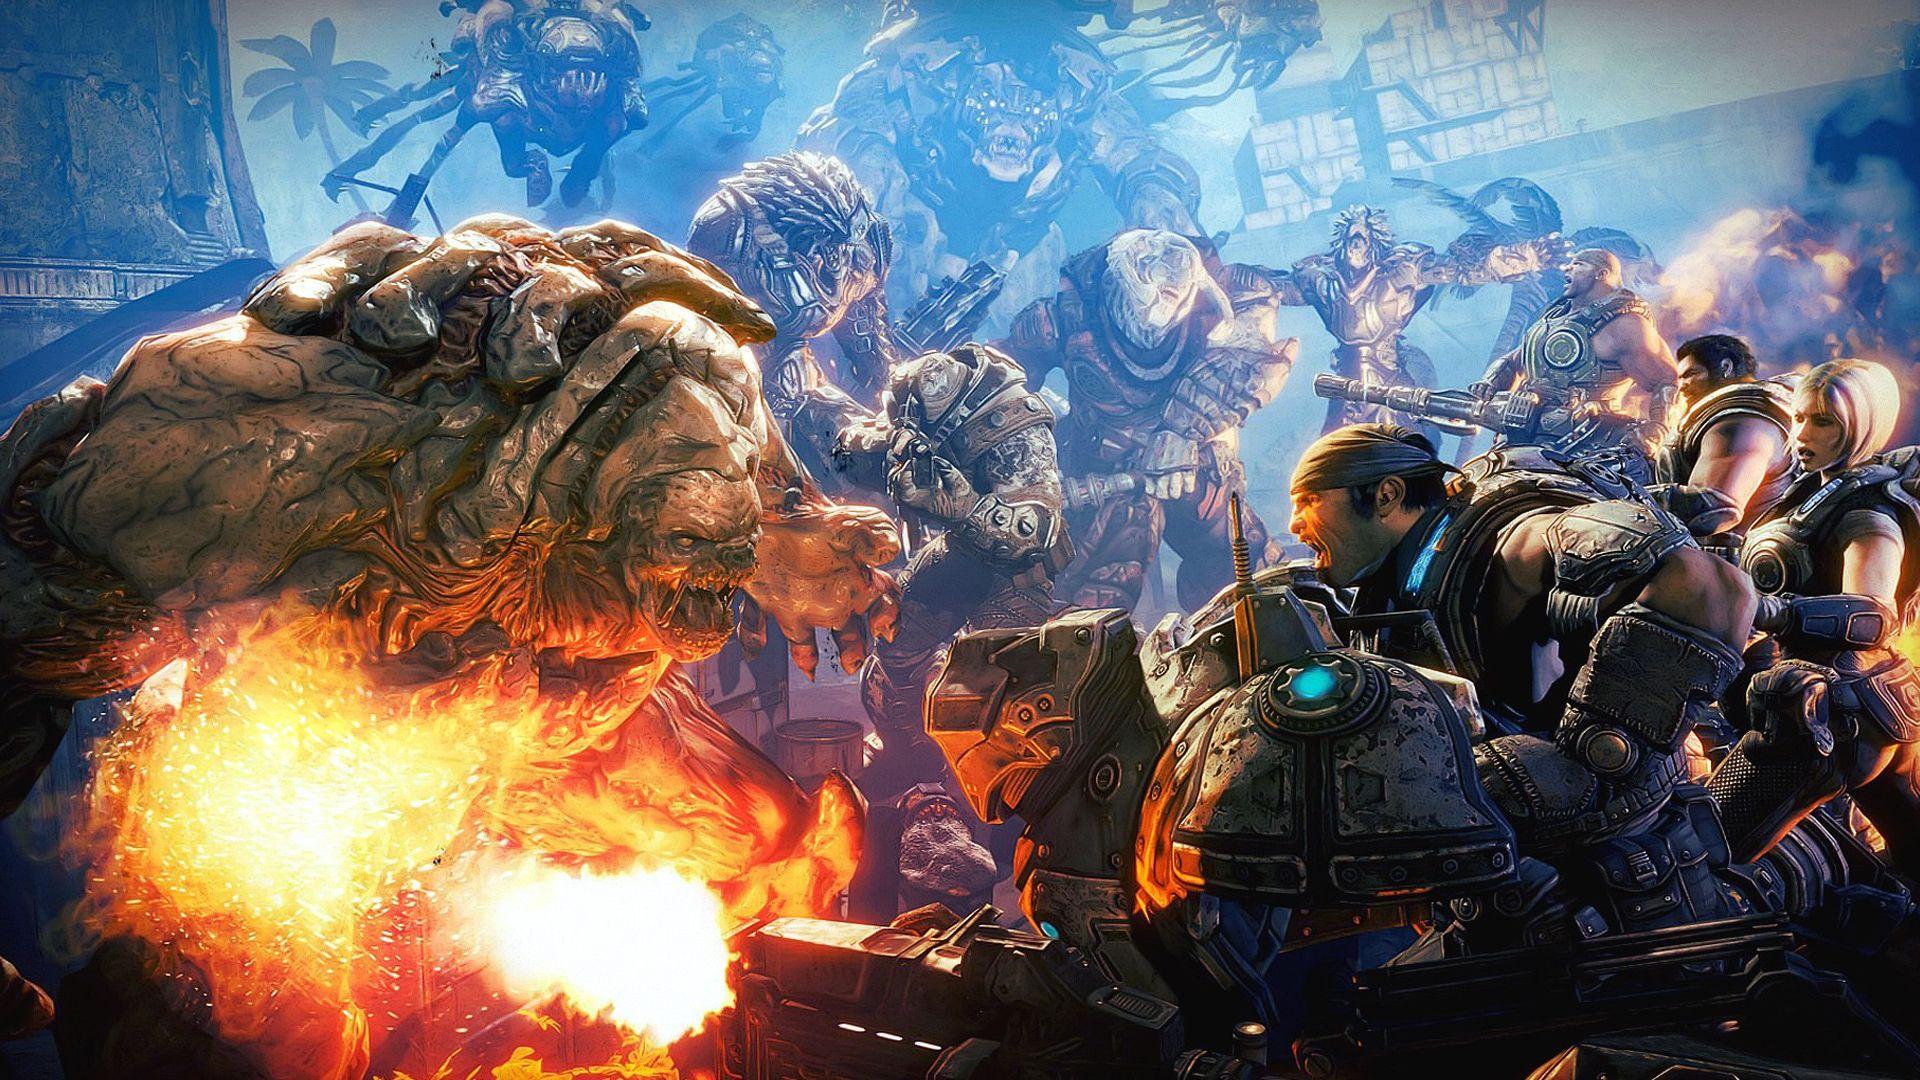 Descargarfondosdepantalla On Twitter Gears Of War Gears Of War 3 Gears